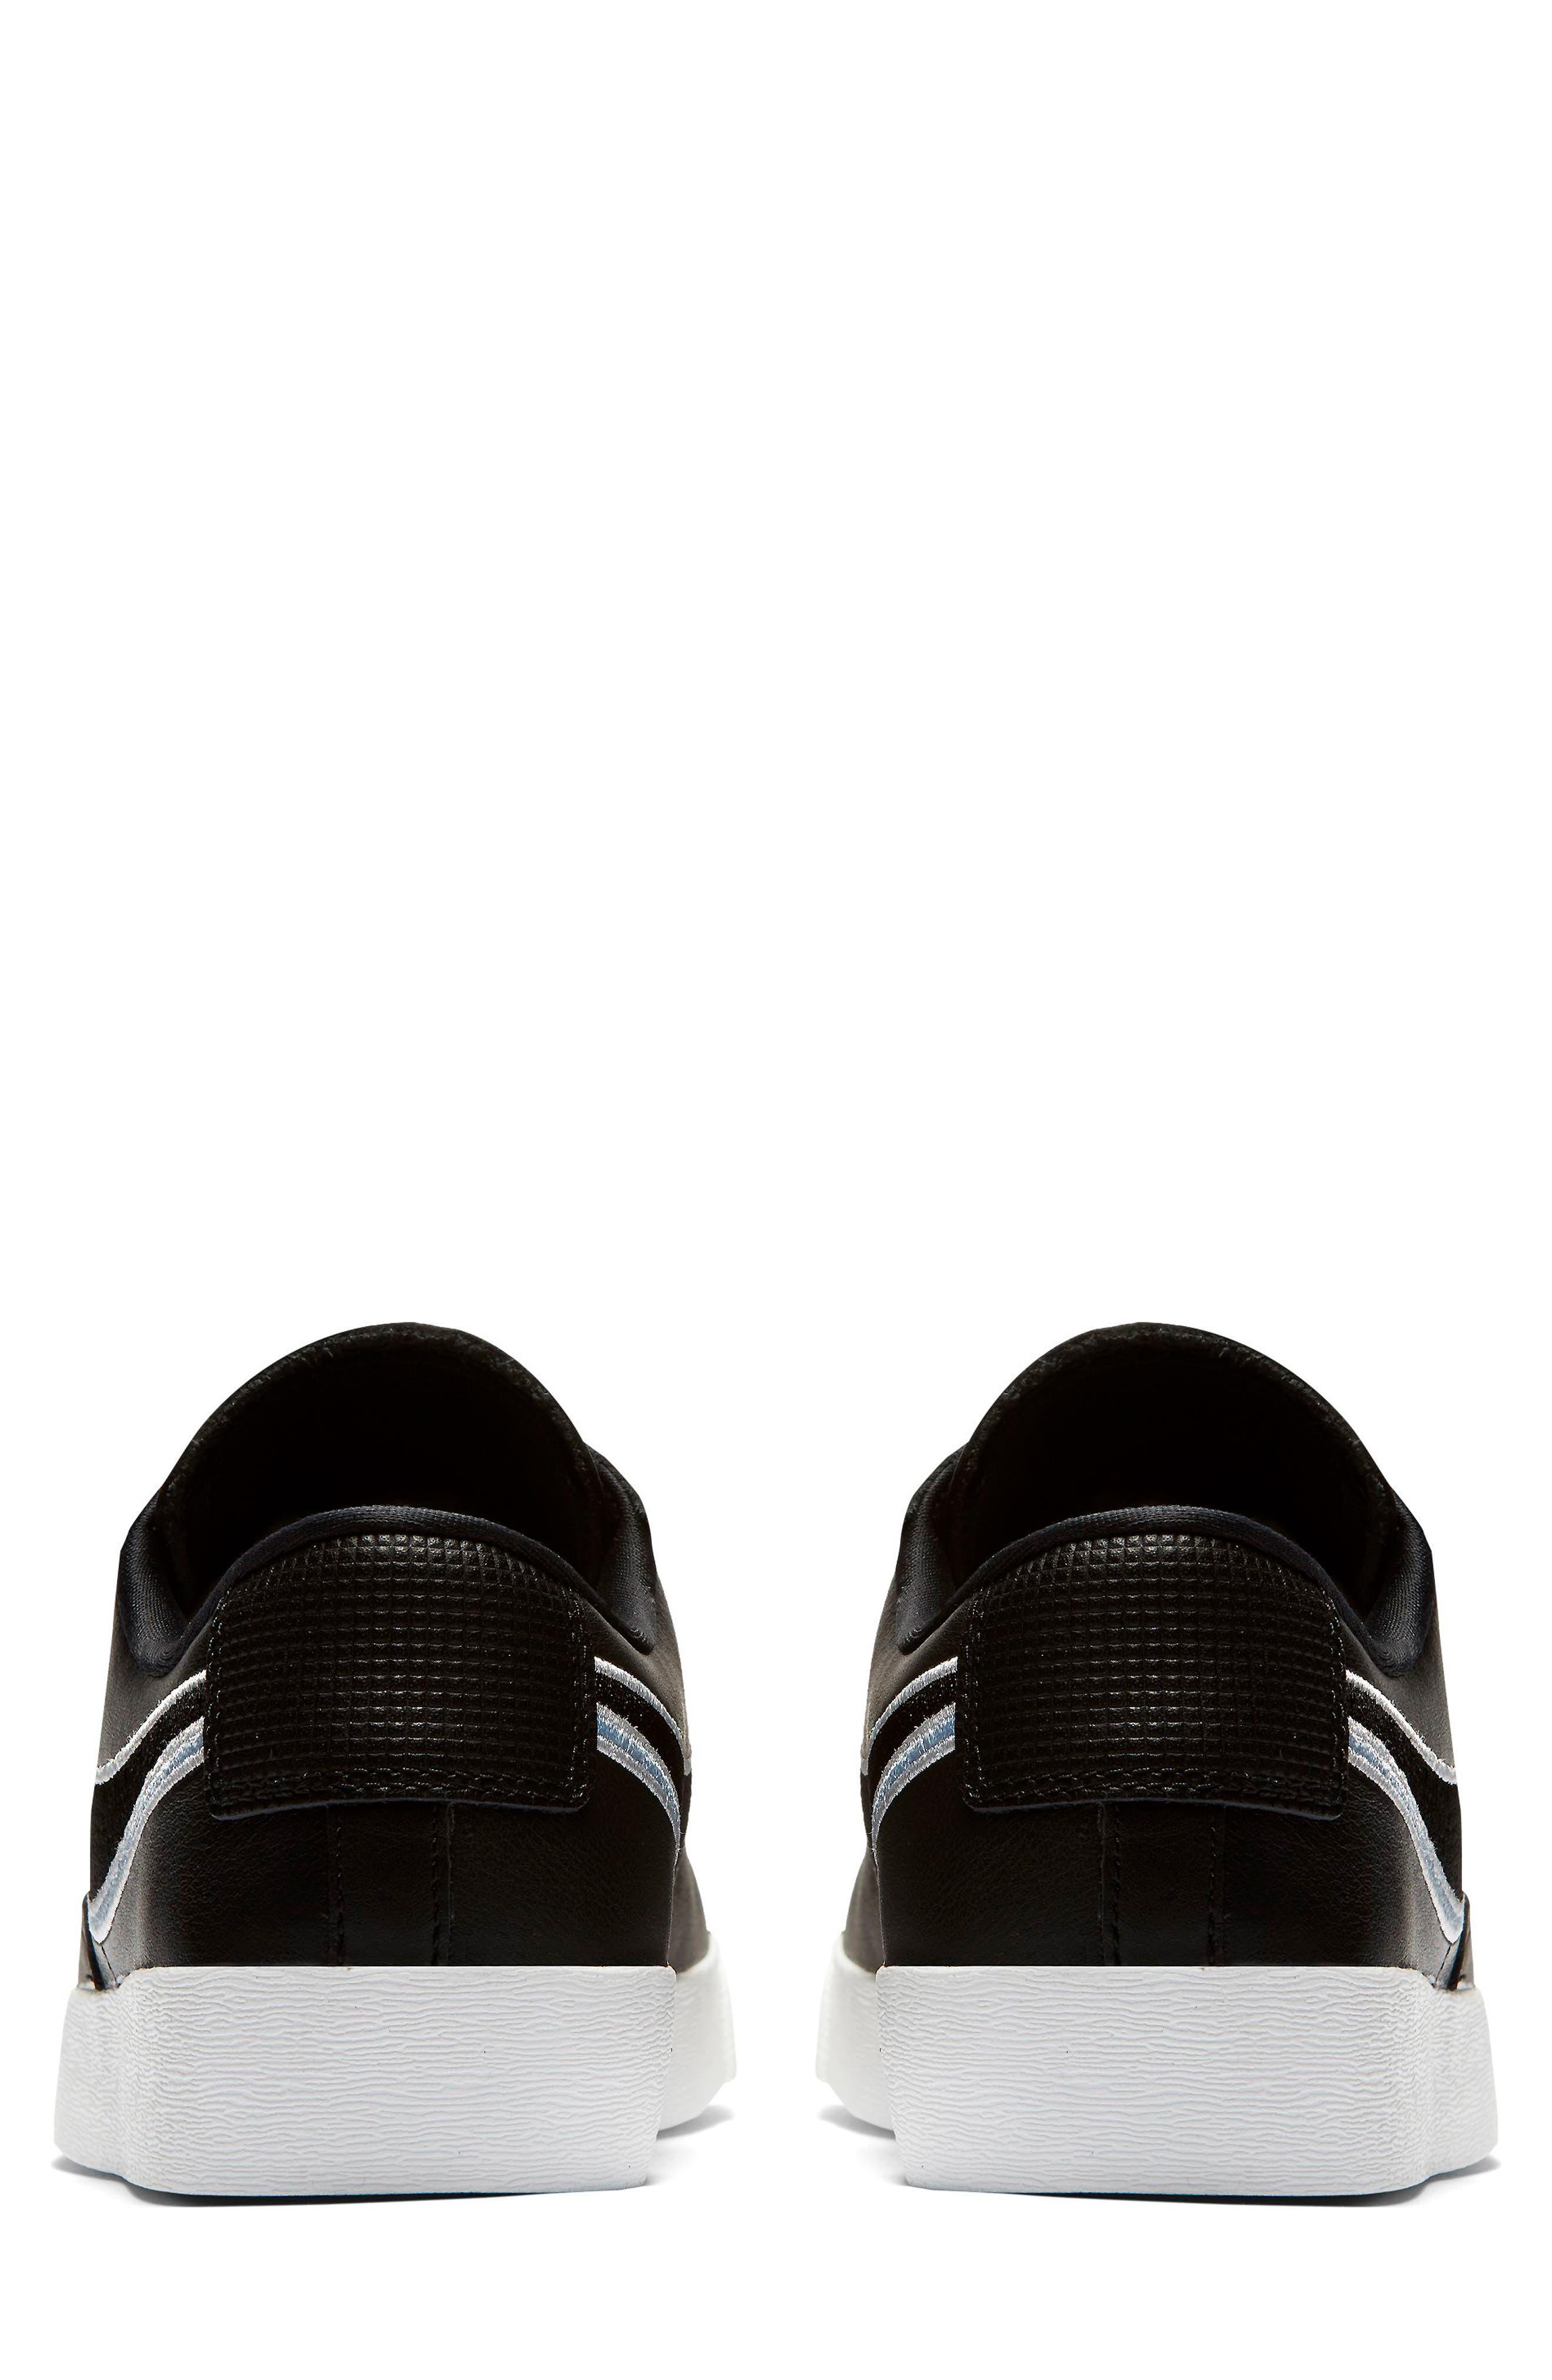 Blazer Low LX Sneaker,                             Alternate thumbnail 2, color,                             BLACK/ ROYAL TINT/ MONARCH